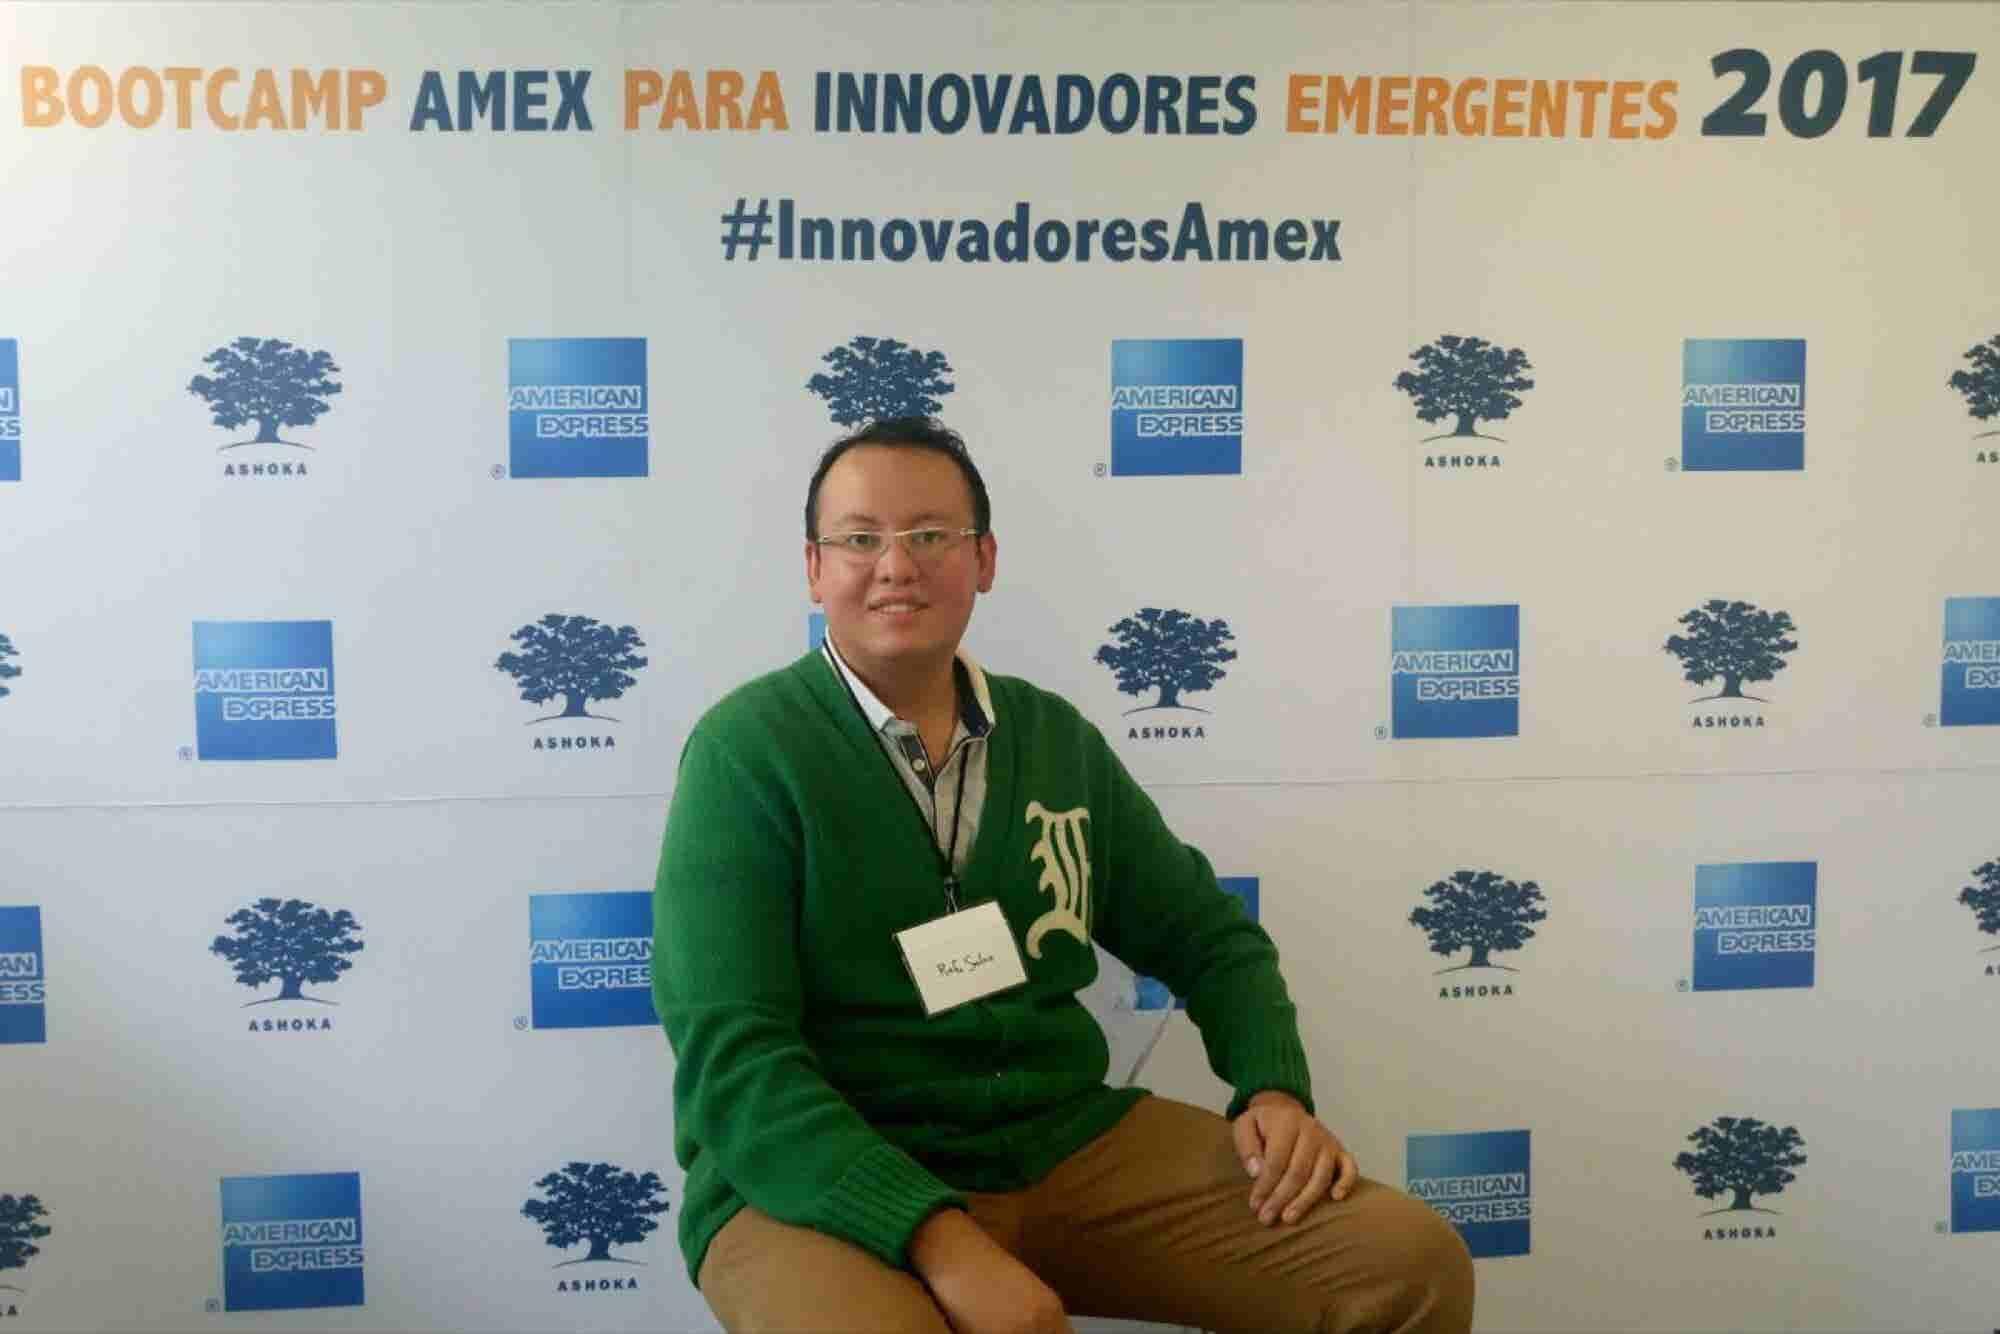 El emprendedor que quiere construir un simulador de sismos para evitar derrumbes